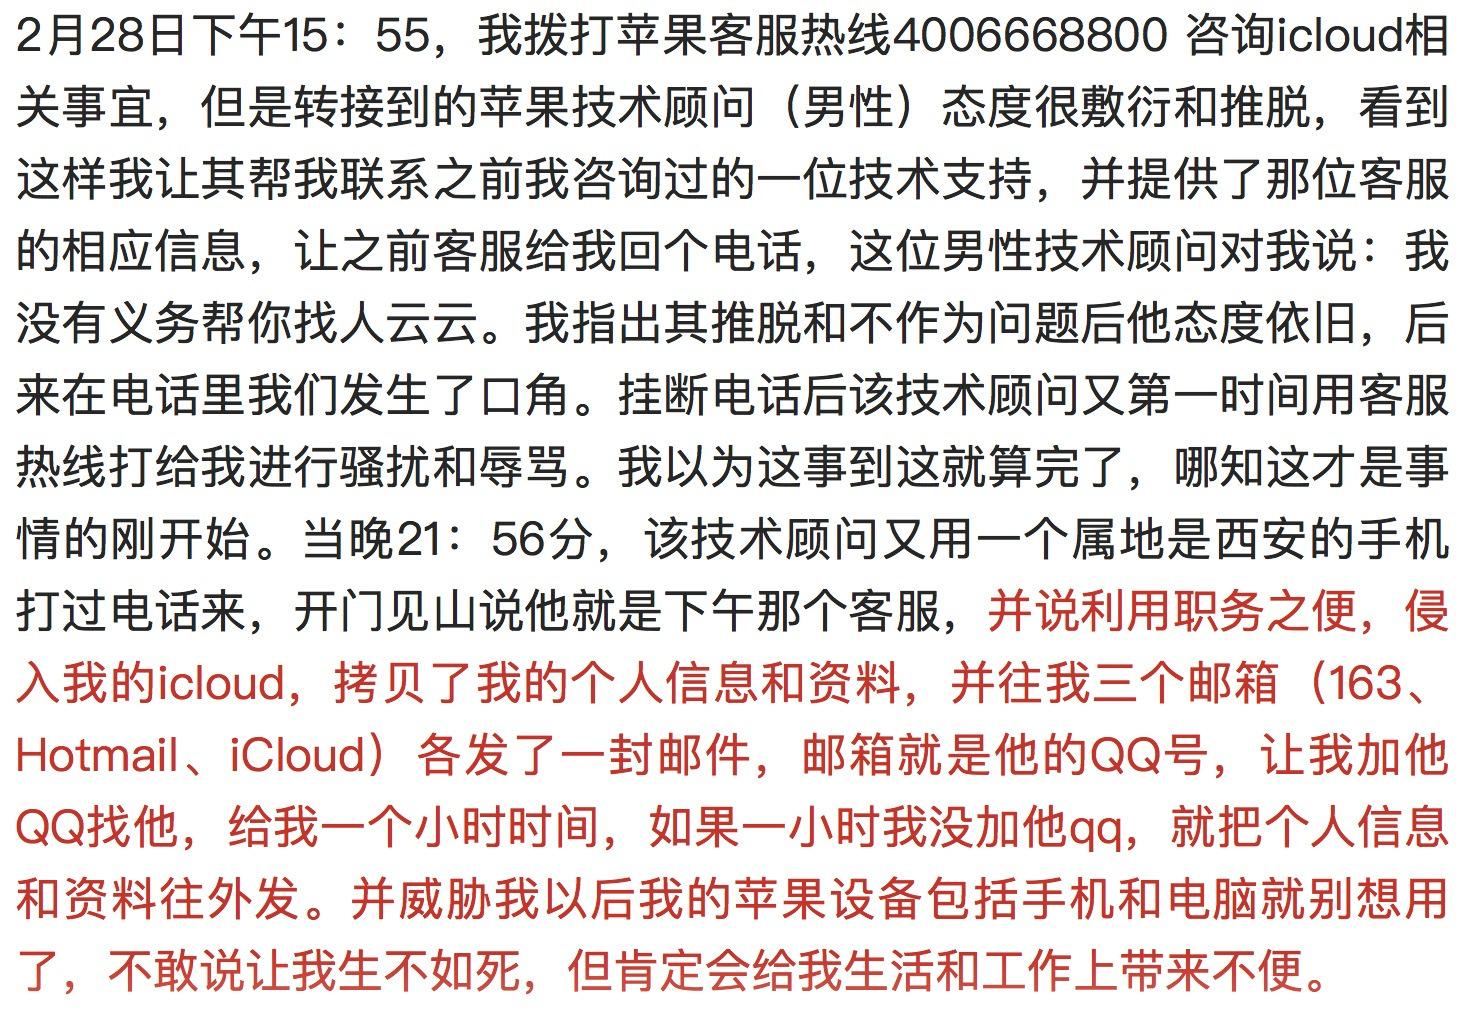 用户称苹果技术顾问窃取用户信息并敲诈勒索的照片 - 2